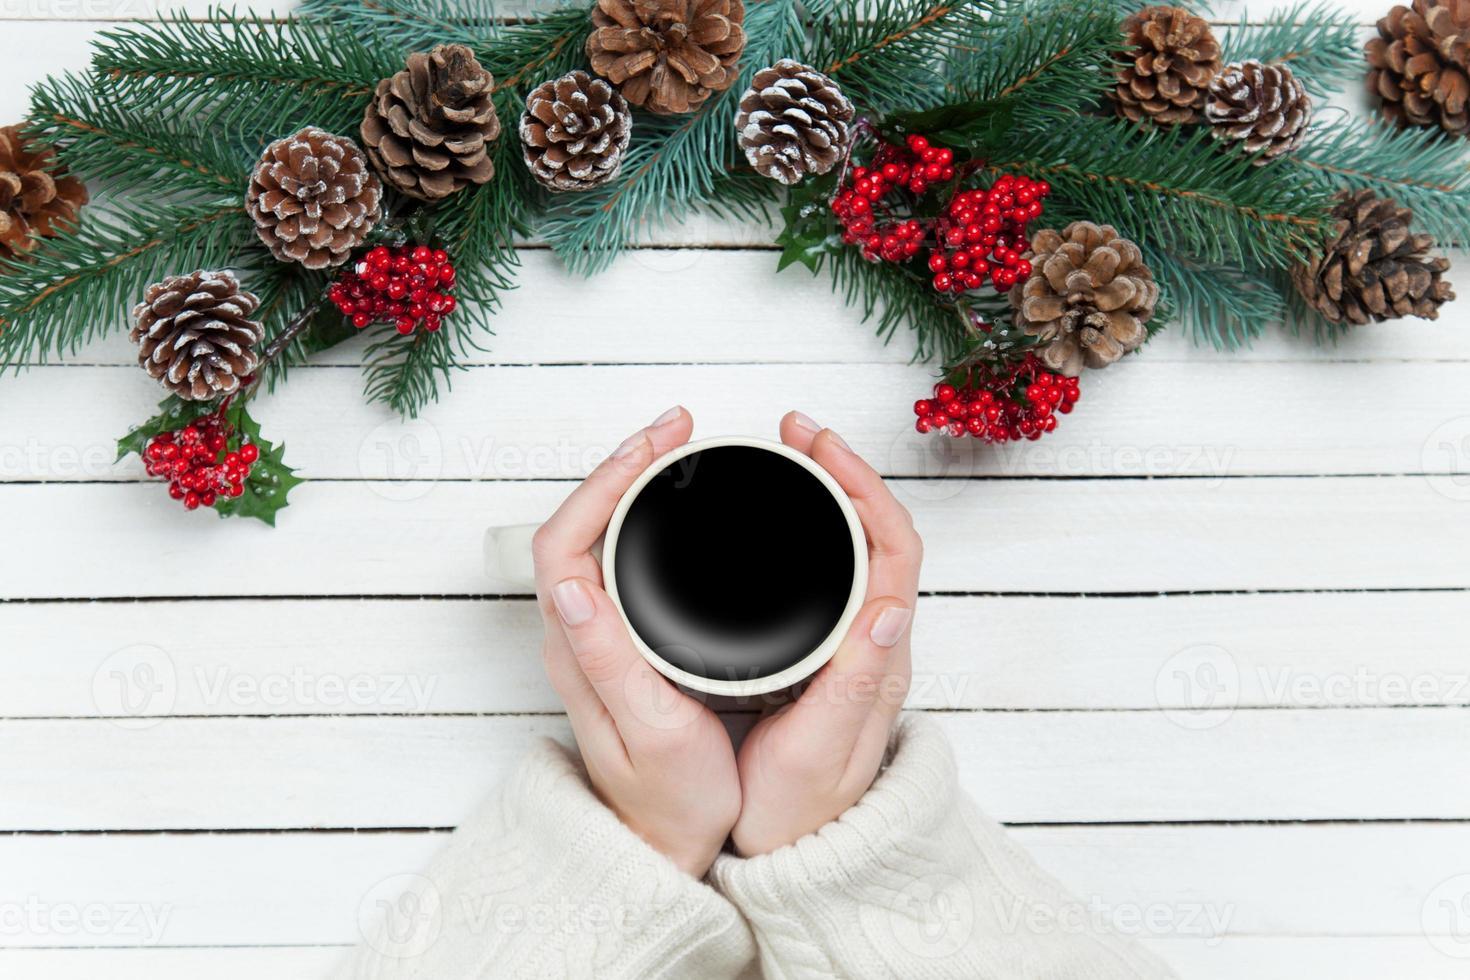 meisje met kopje koffie in de buurt van pijnboomtakken foto